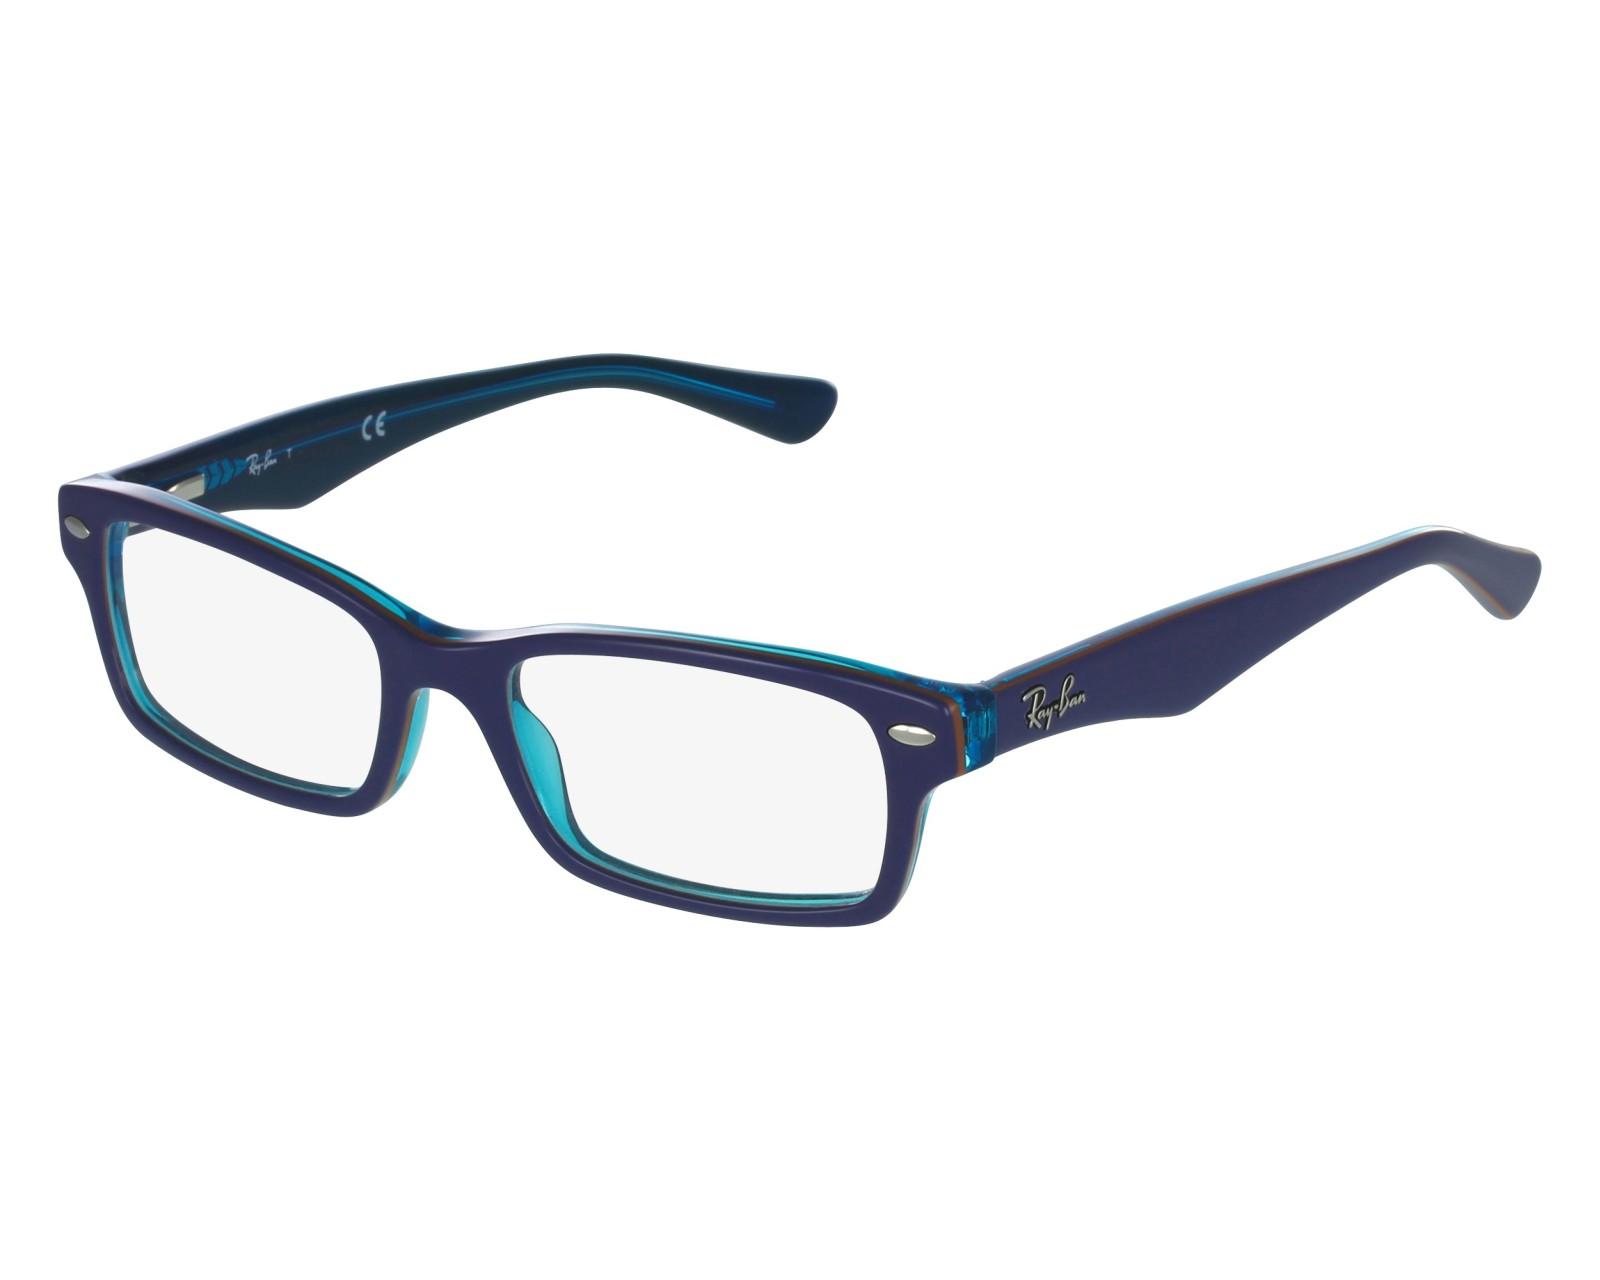 Ray-Ban Gestell 1530_3587 (48 mm) blau oHK8D35lR